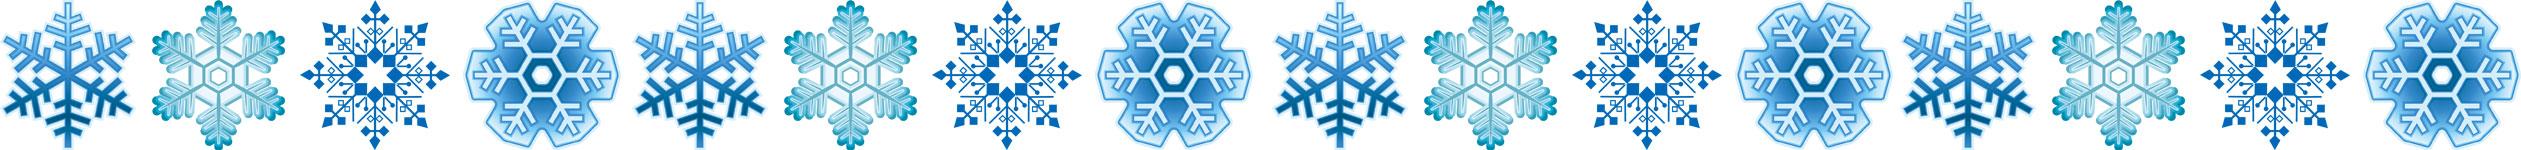 画像サンプル-横線:雪の結晶